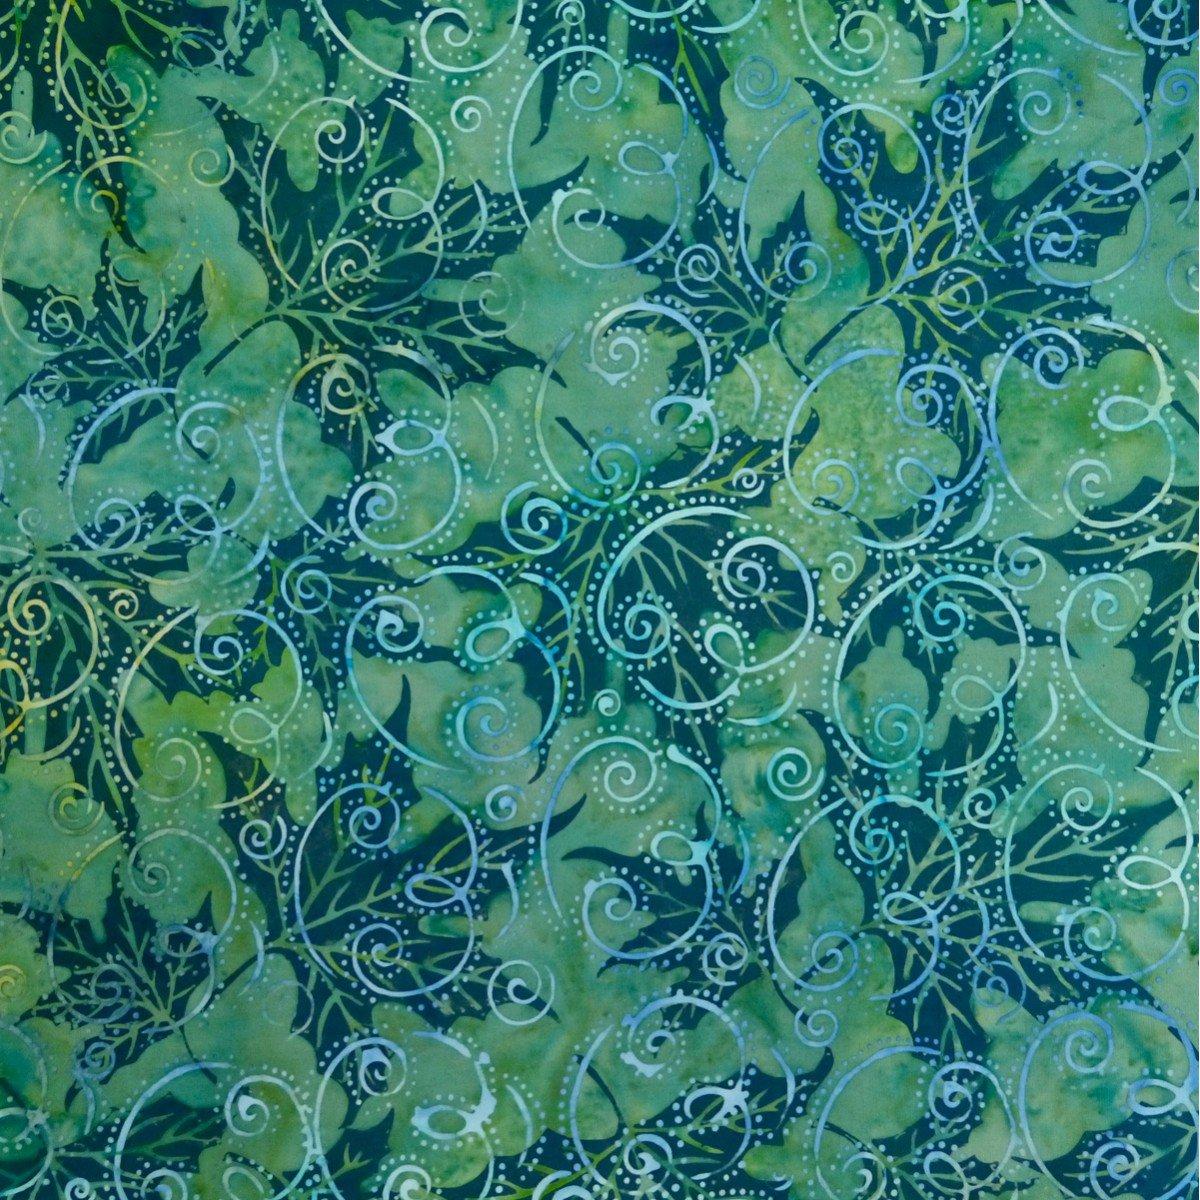 Batik by Mirah Silver Sage SS-5-1536 Lemon Basil